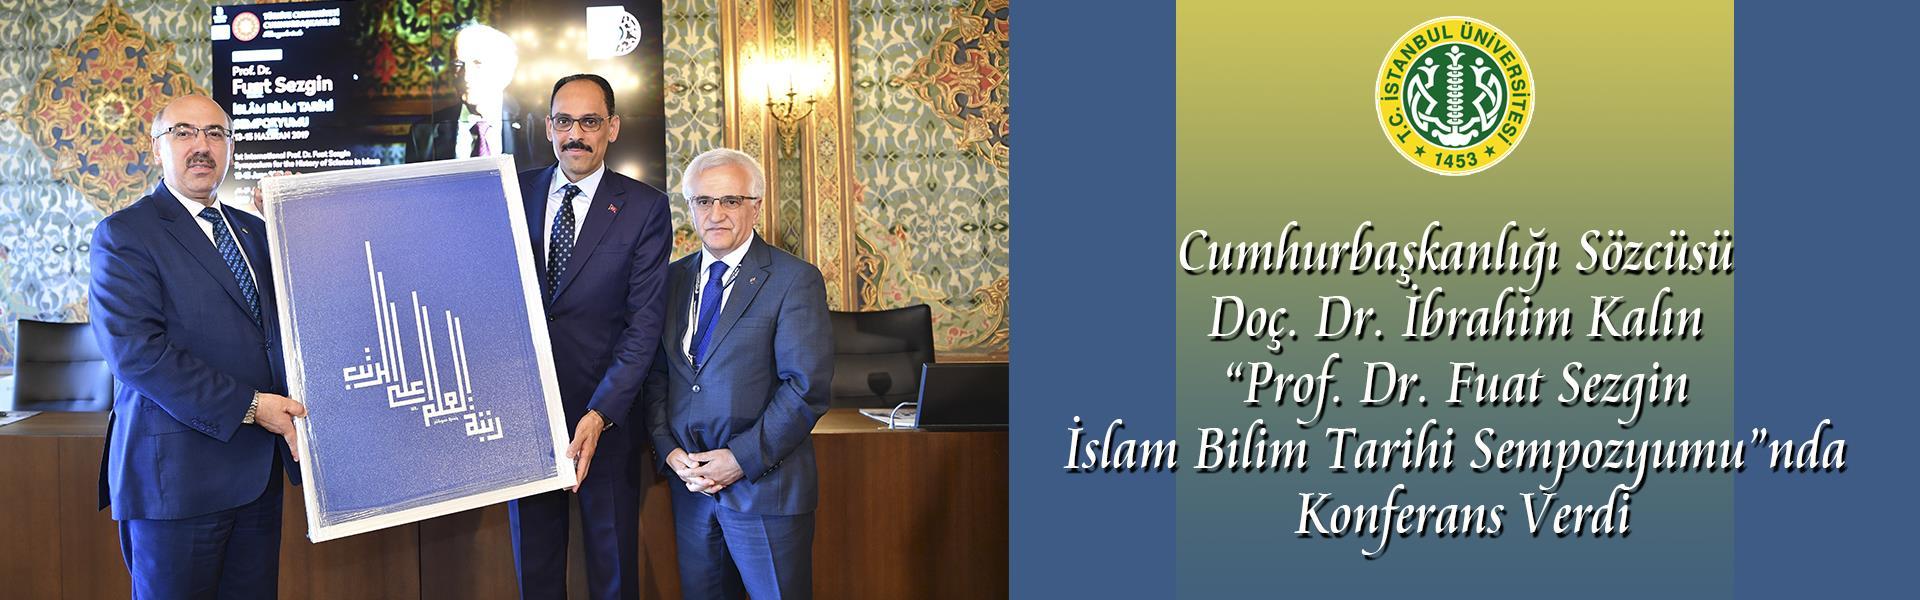 """Cumhurbaşkanlığı-Sözcüsü-Doç.-Dr.-İbrahim-Kalın-""""Prof.-Dr.-Fuat-Sezgin-İslam-Bilim-Tarihi-Sempozyumu""""nda-Konferans-Verdi"""